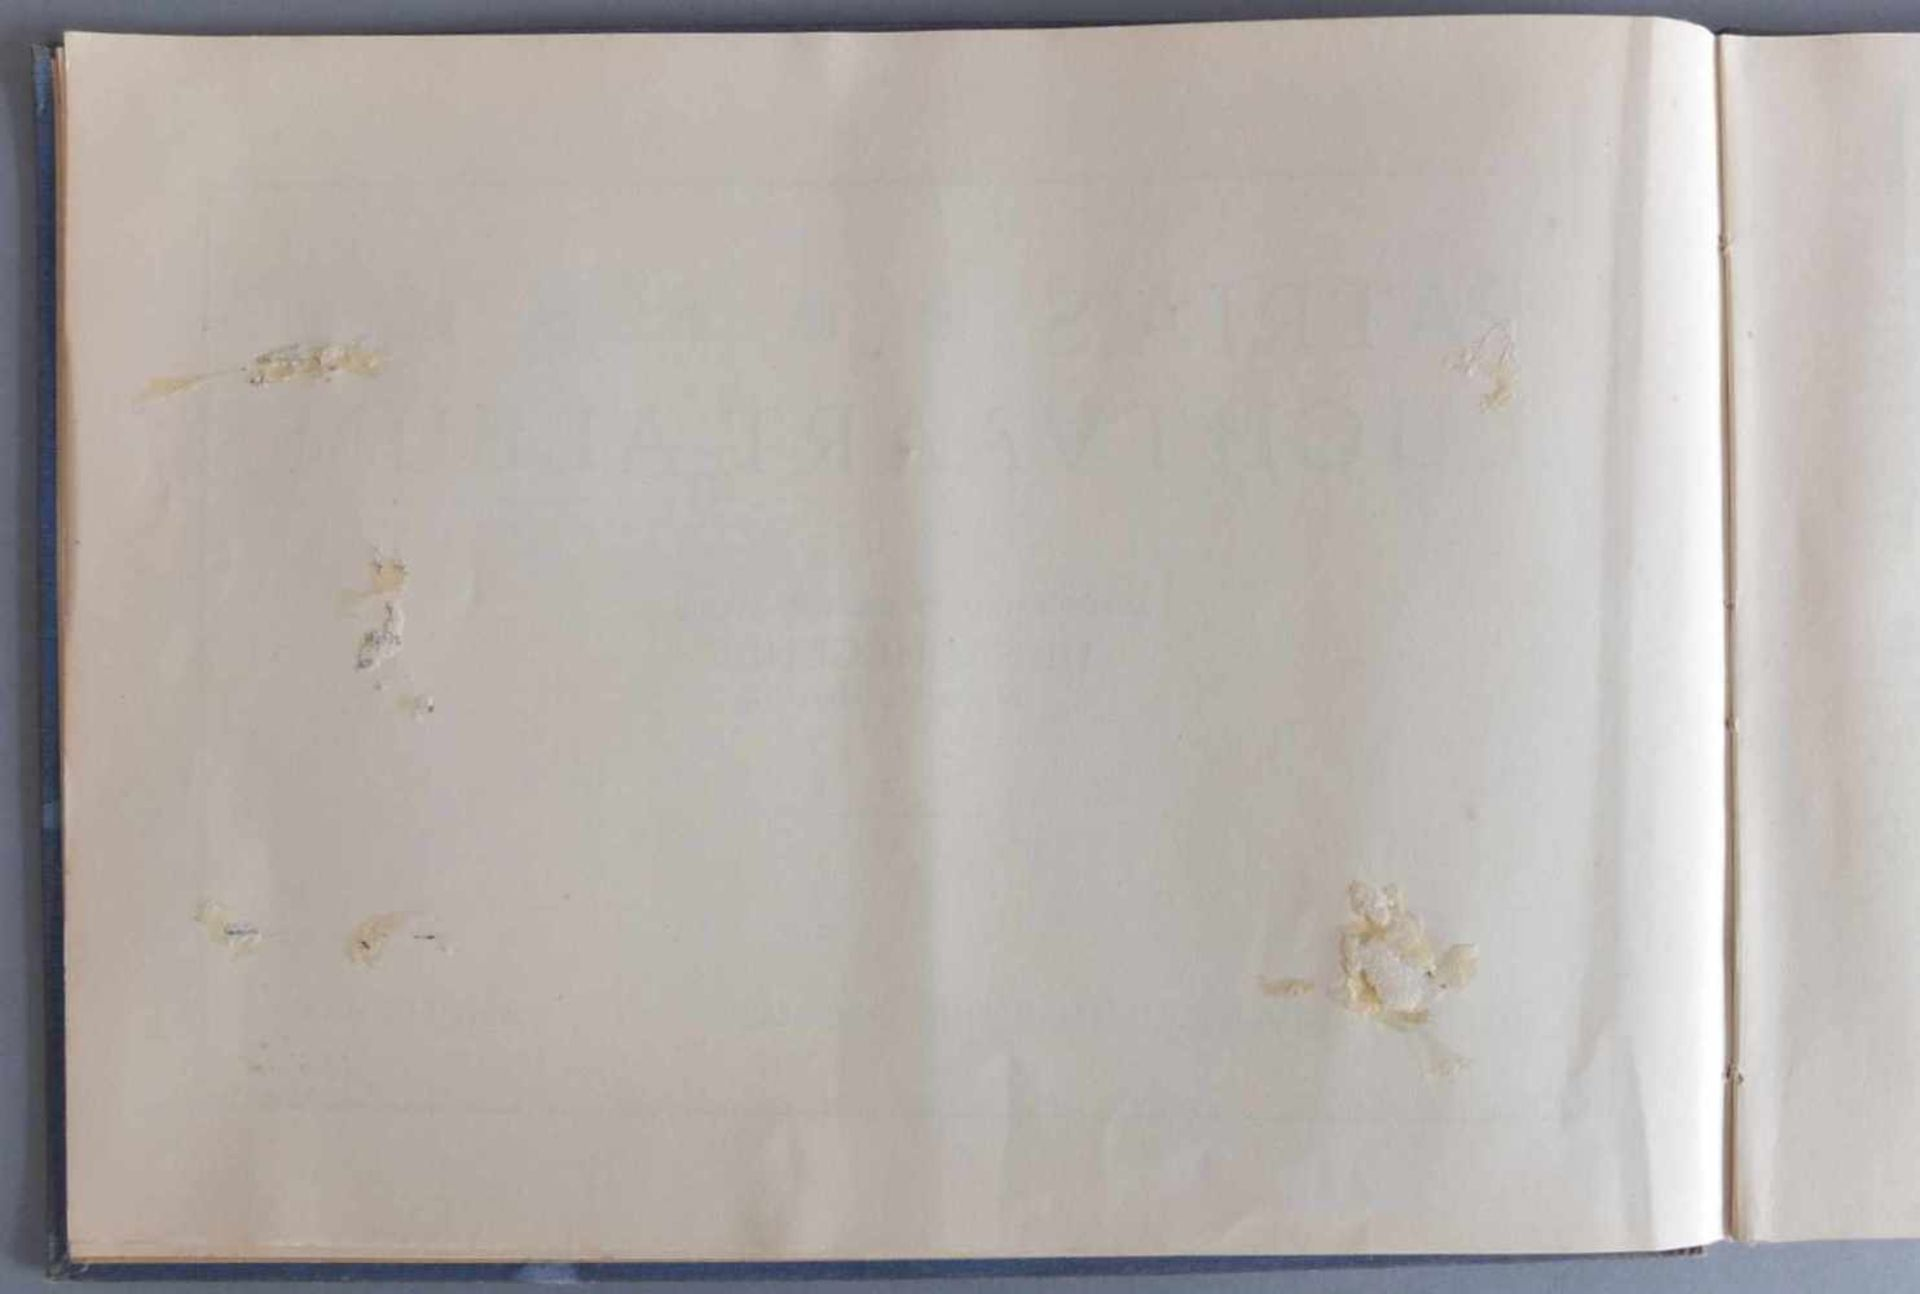 SAMMELALBUM, Patria´s Luchtvaartalbum, Henri Hegener, Amsterdam, 1936, geprägter Leineneinband, - Bild 3 aus 6